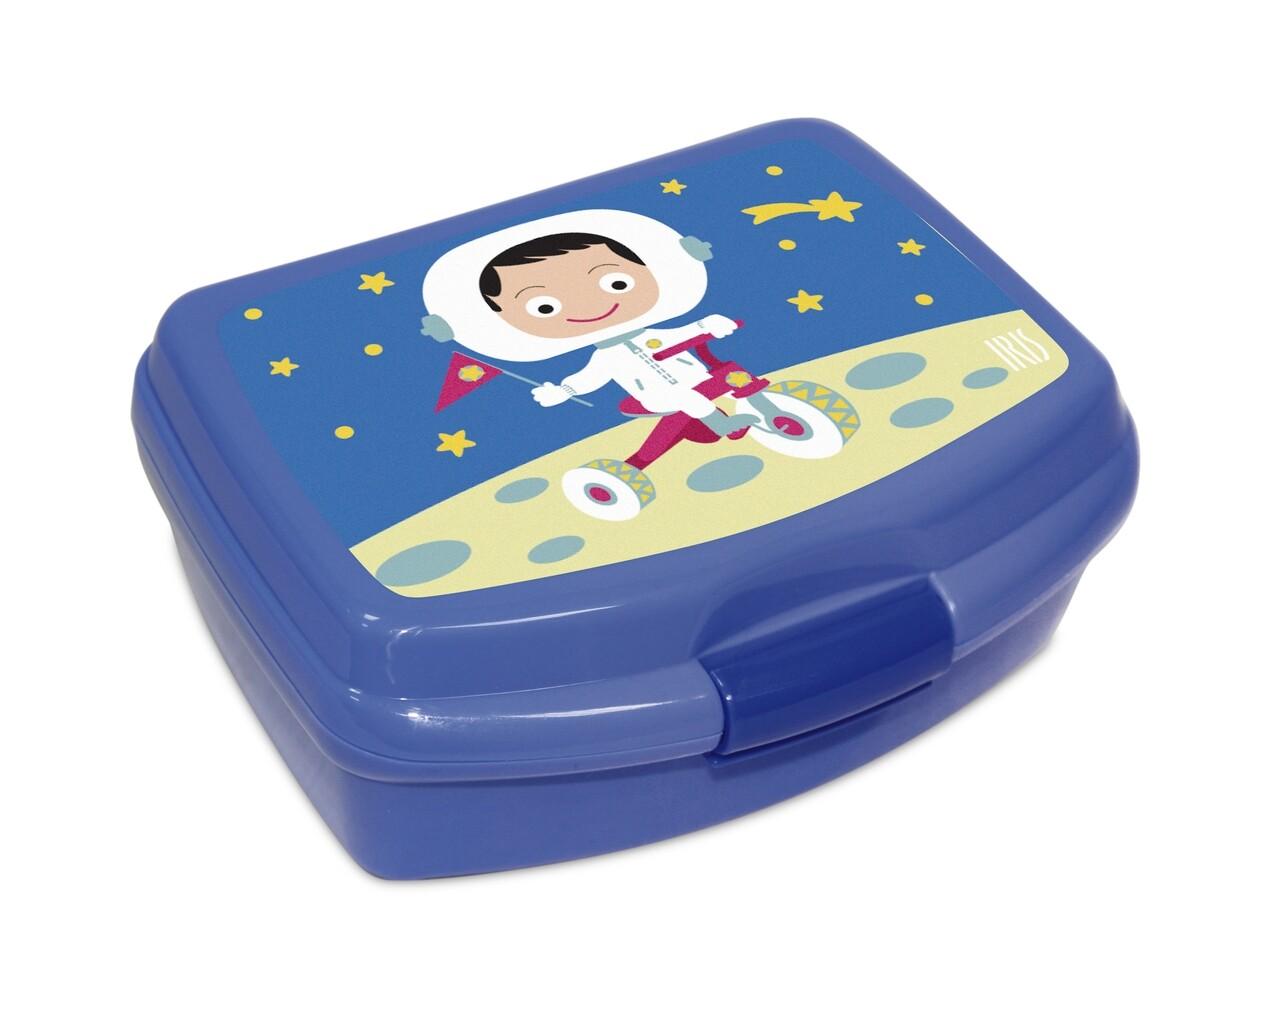 Cutie pranz pentru copii SnackRico, 550 ml, 16.8x13.5x6.5 cm, albastru